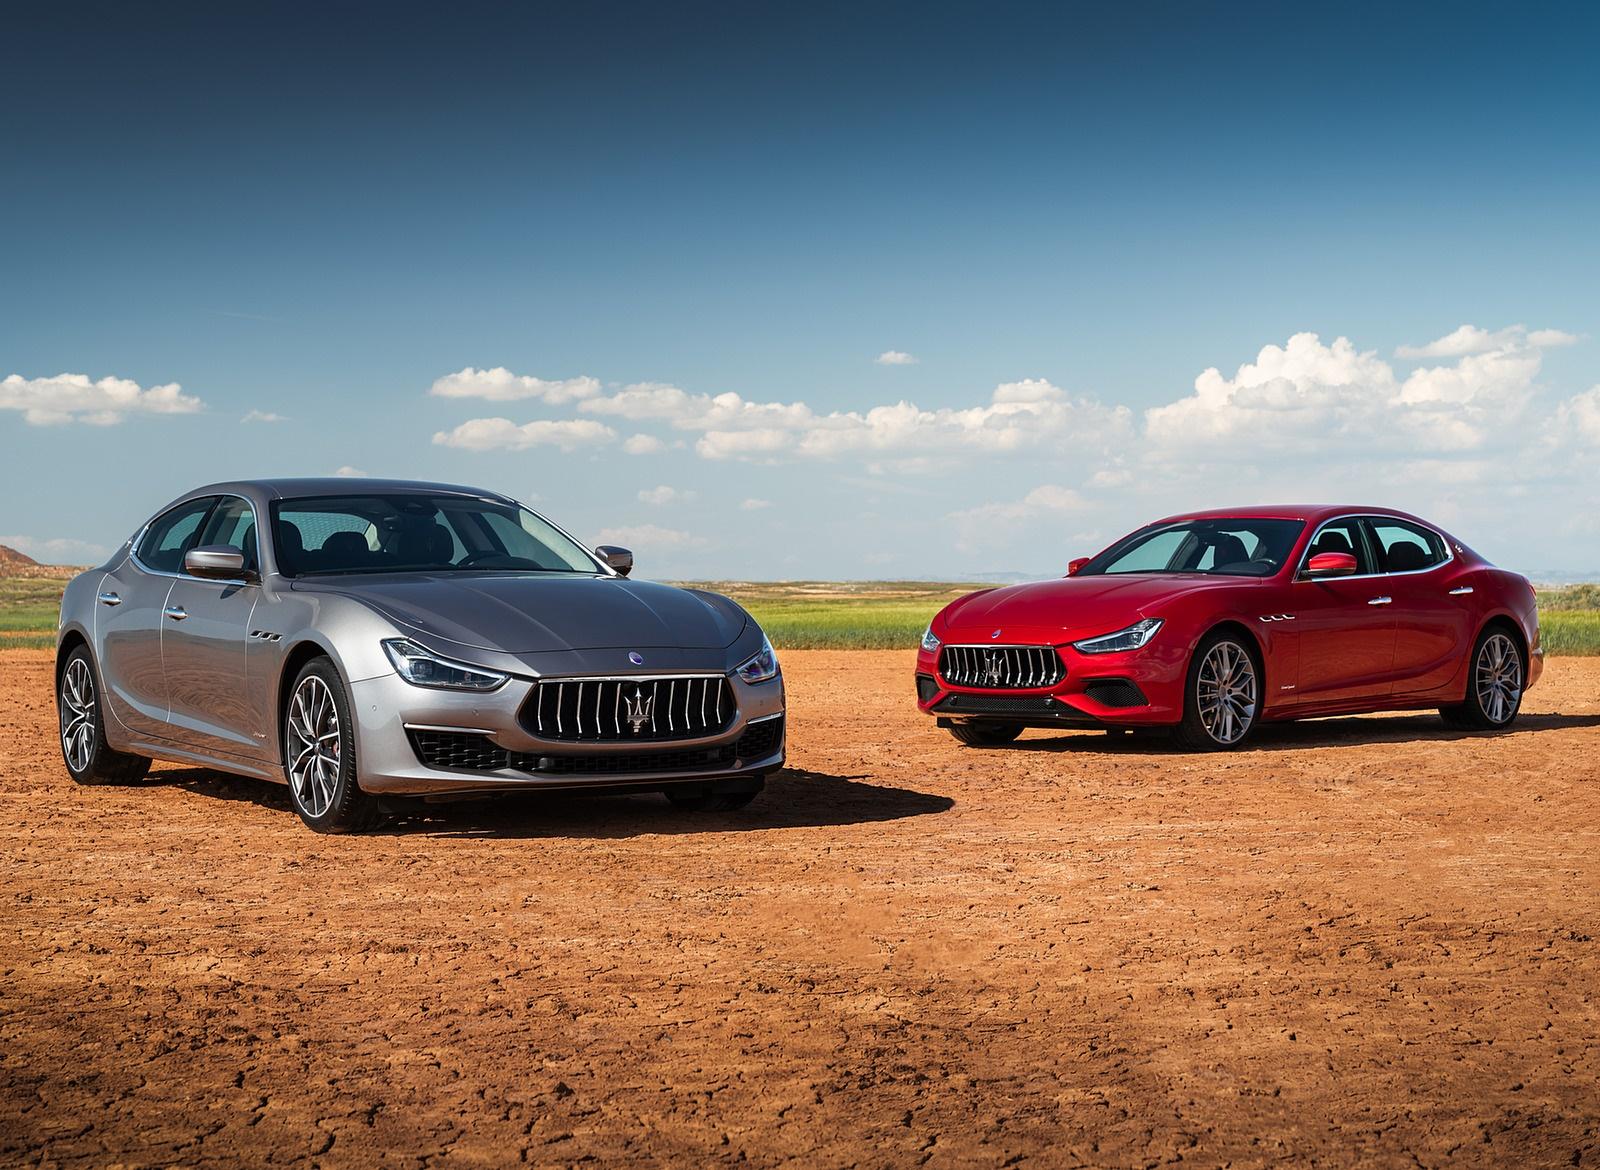 2019 Maserati Ghibli SQ4 GranSport and GranLusso Wallpapers (6)